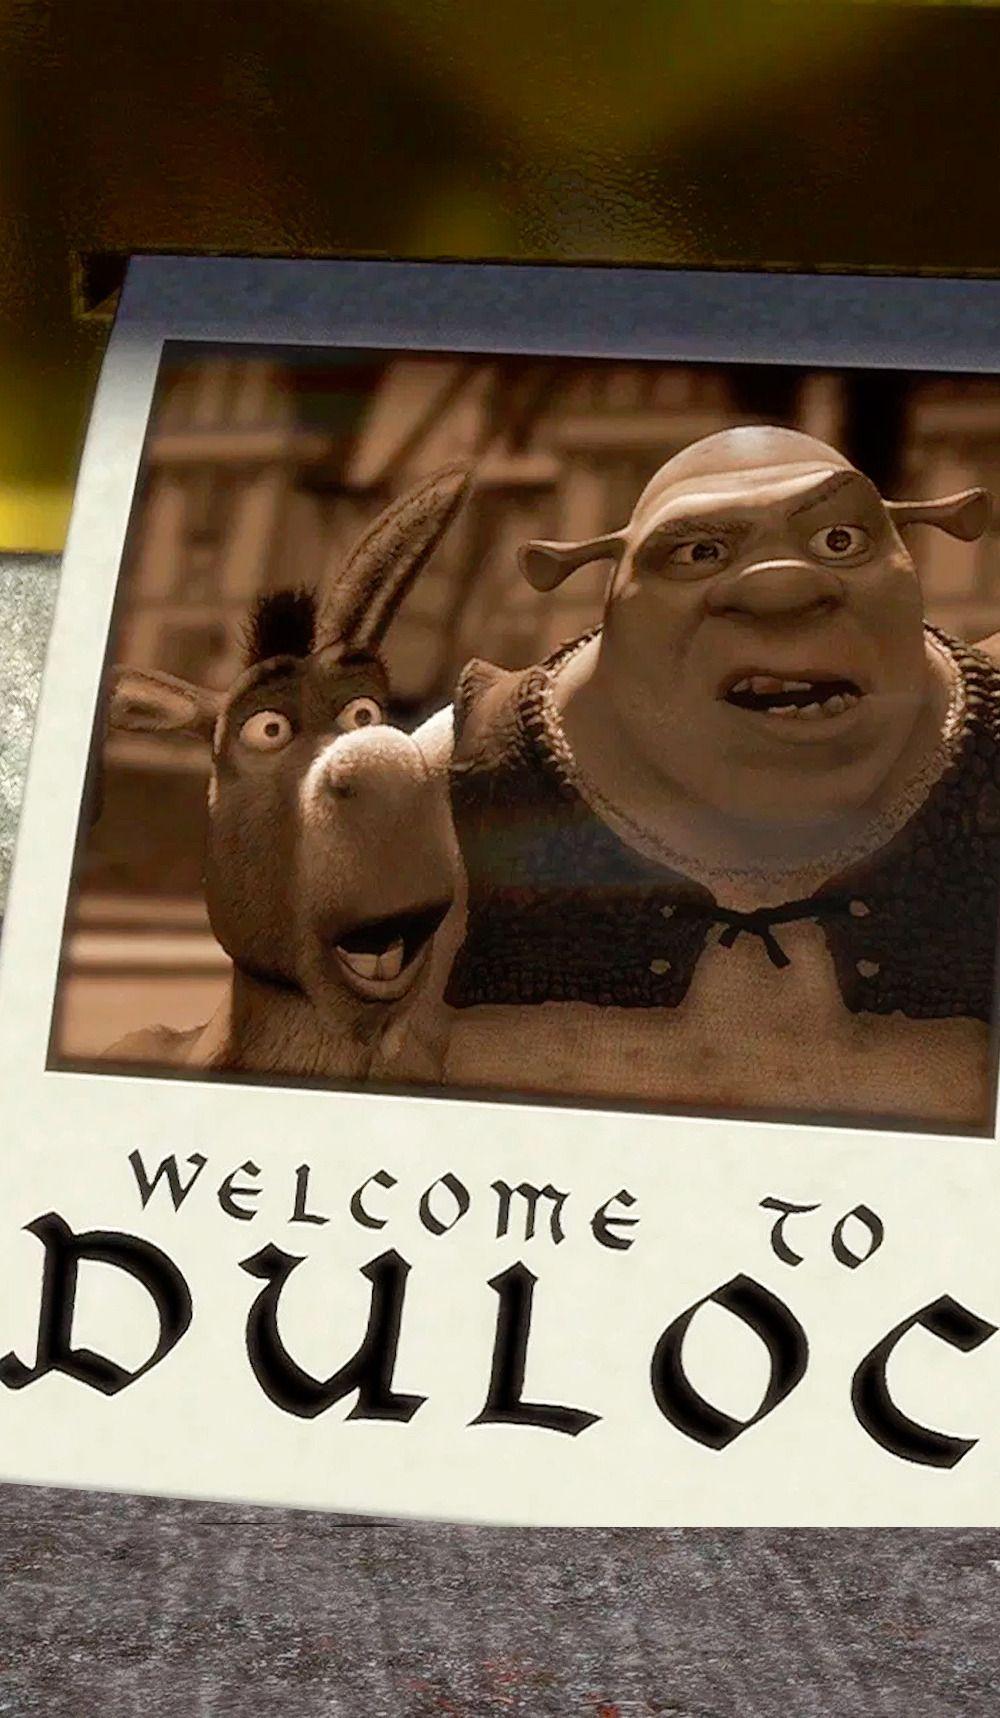 Shrek (2001) Wallpaper (con imágenes) Fondos de